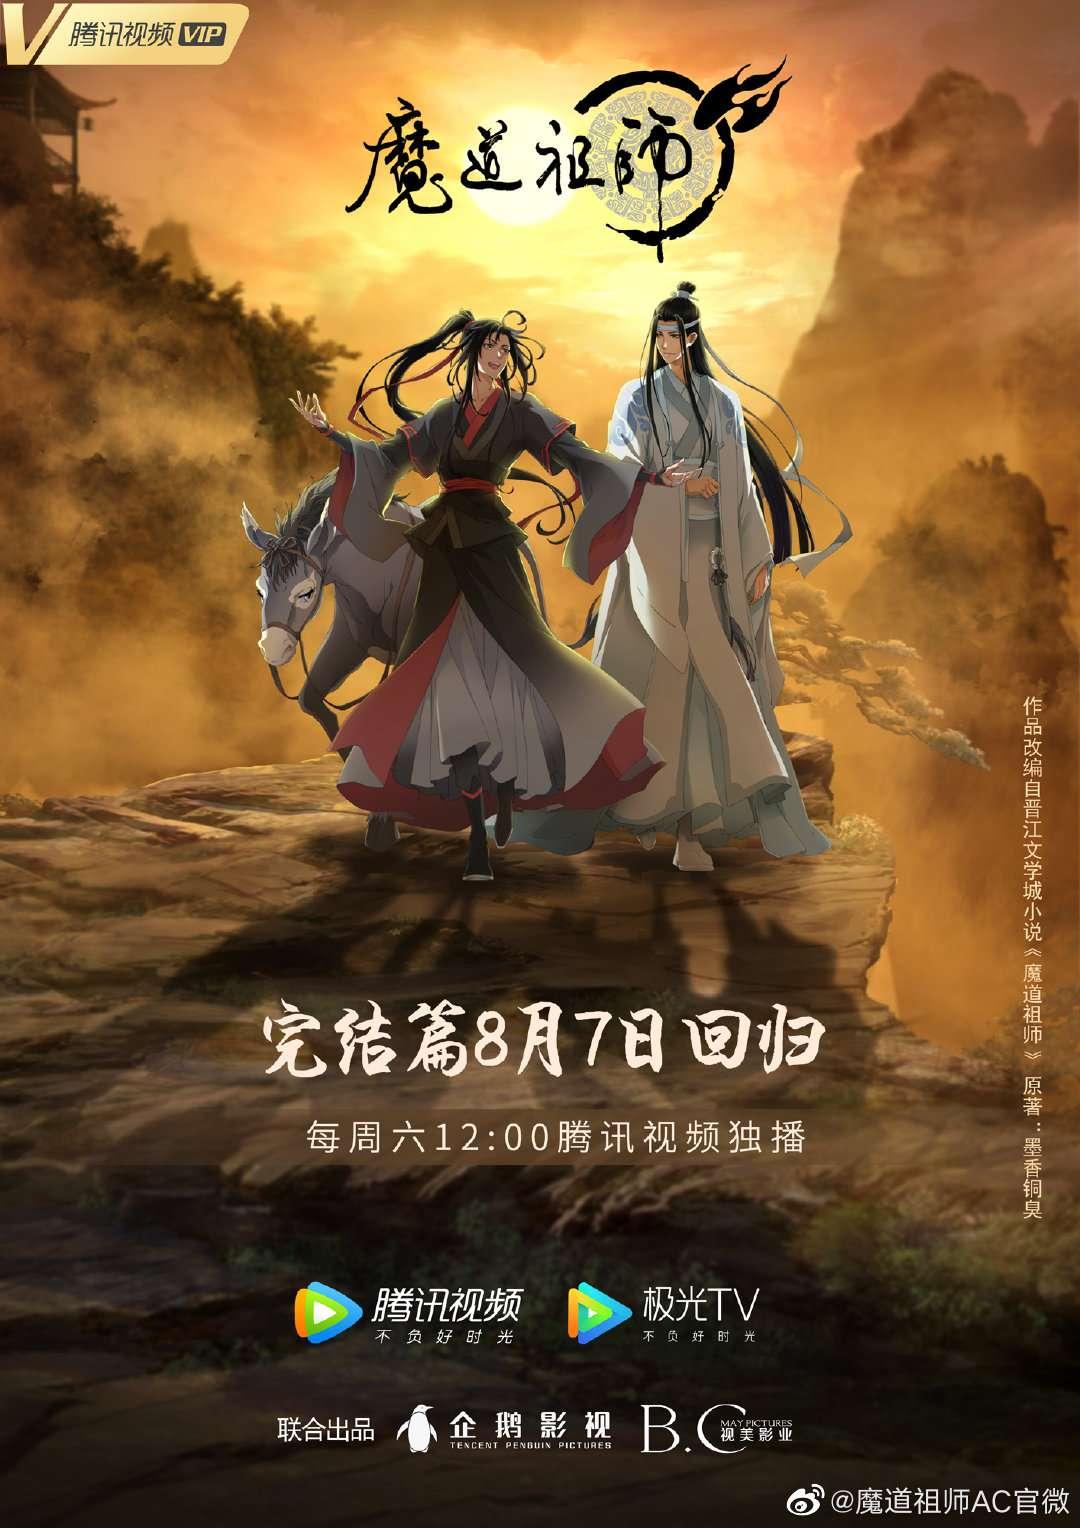 mo dao zu shi poster season 3